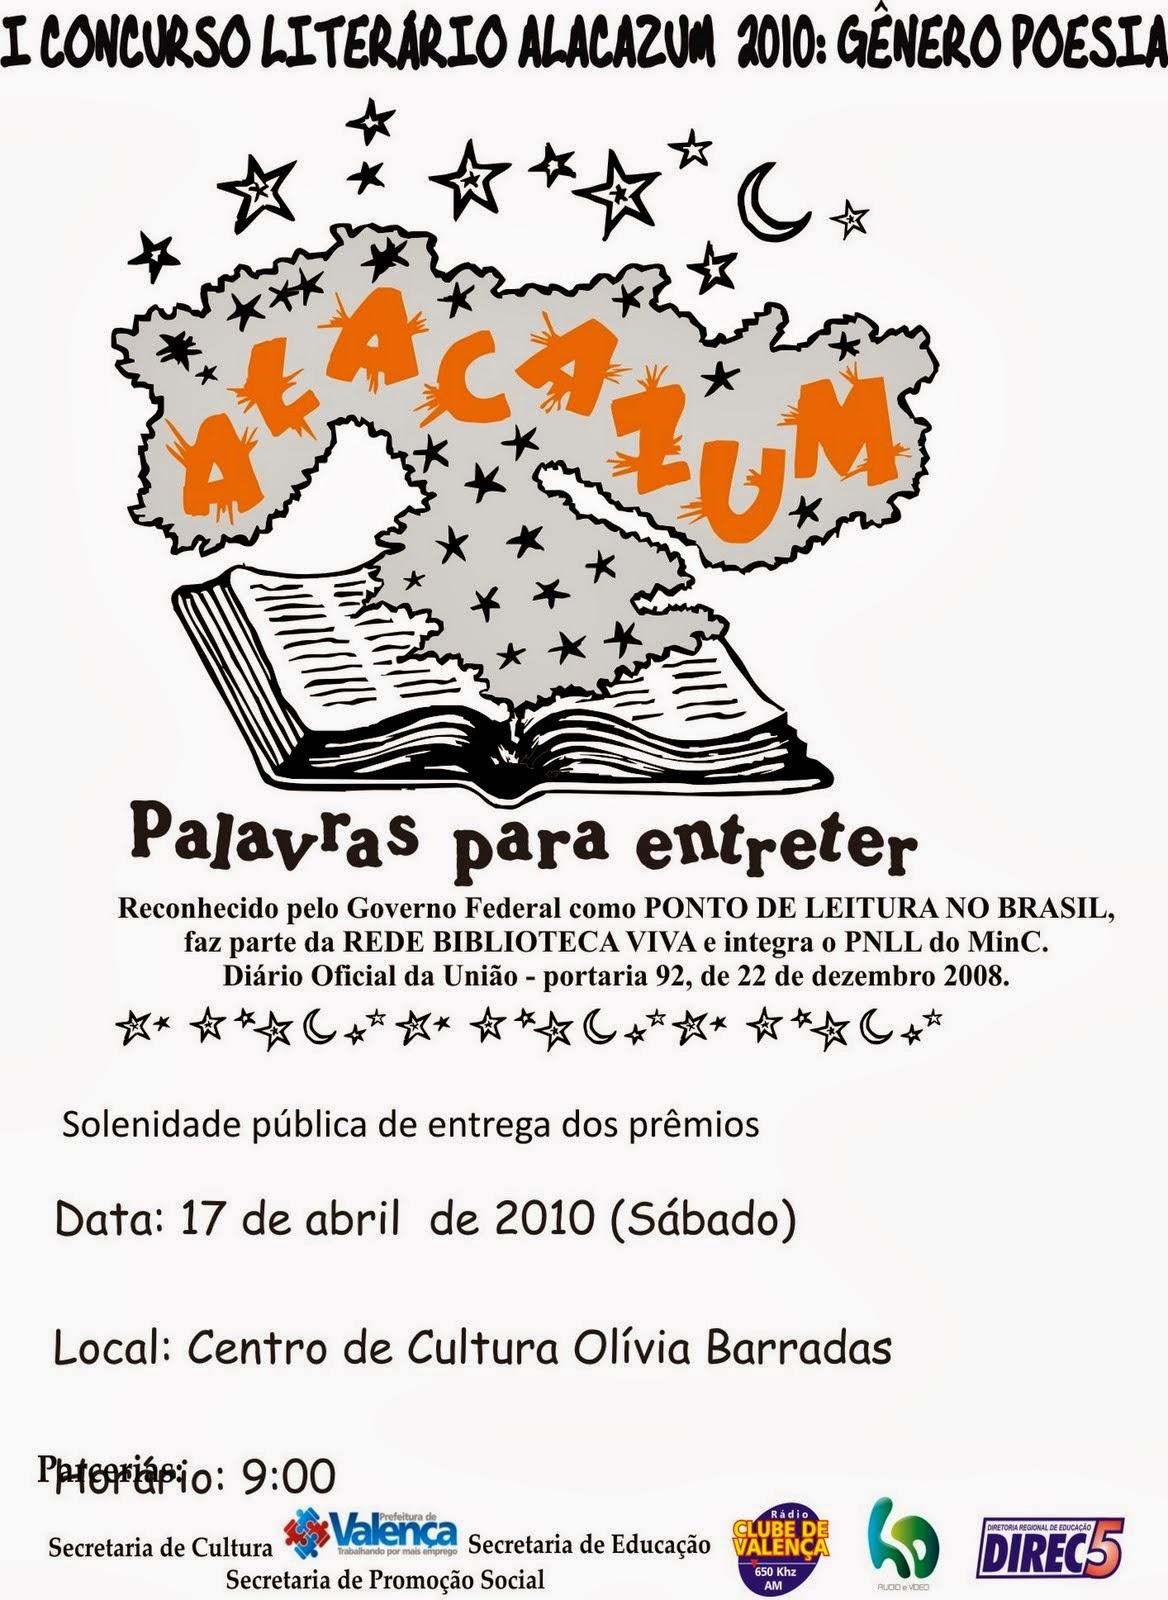 Concurso Alacazum